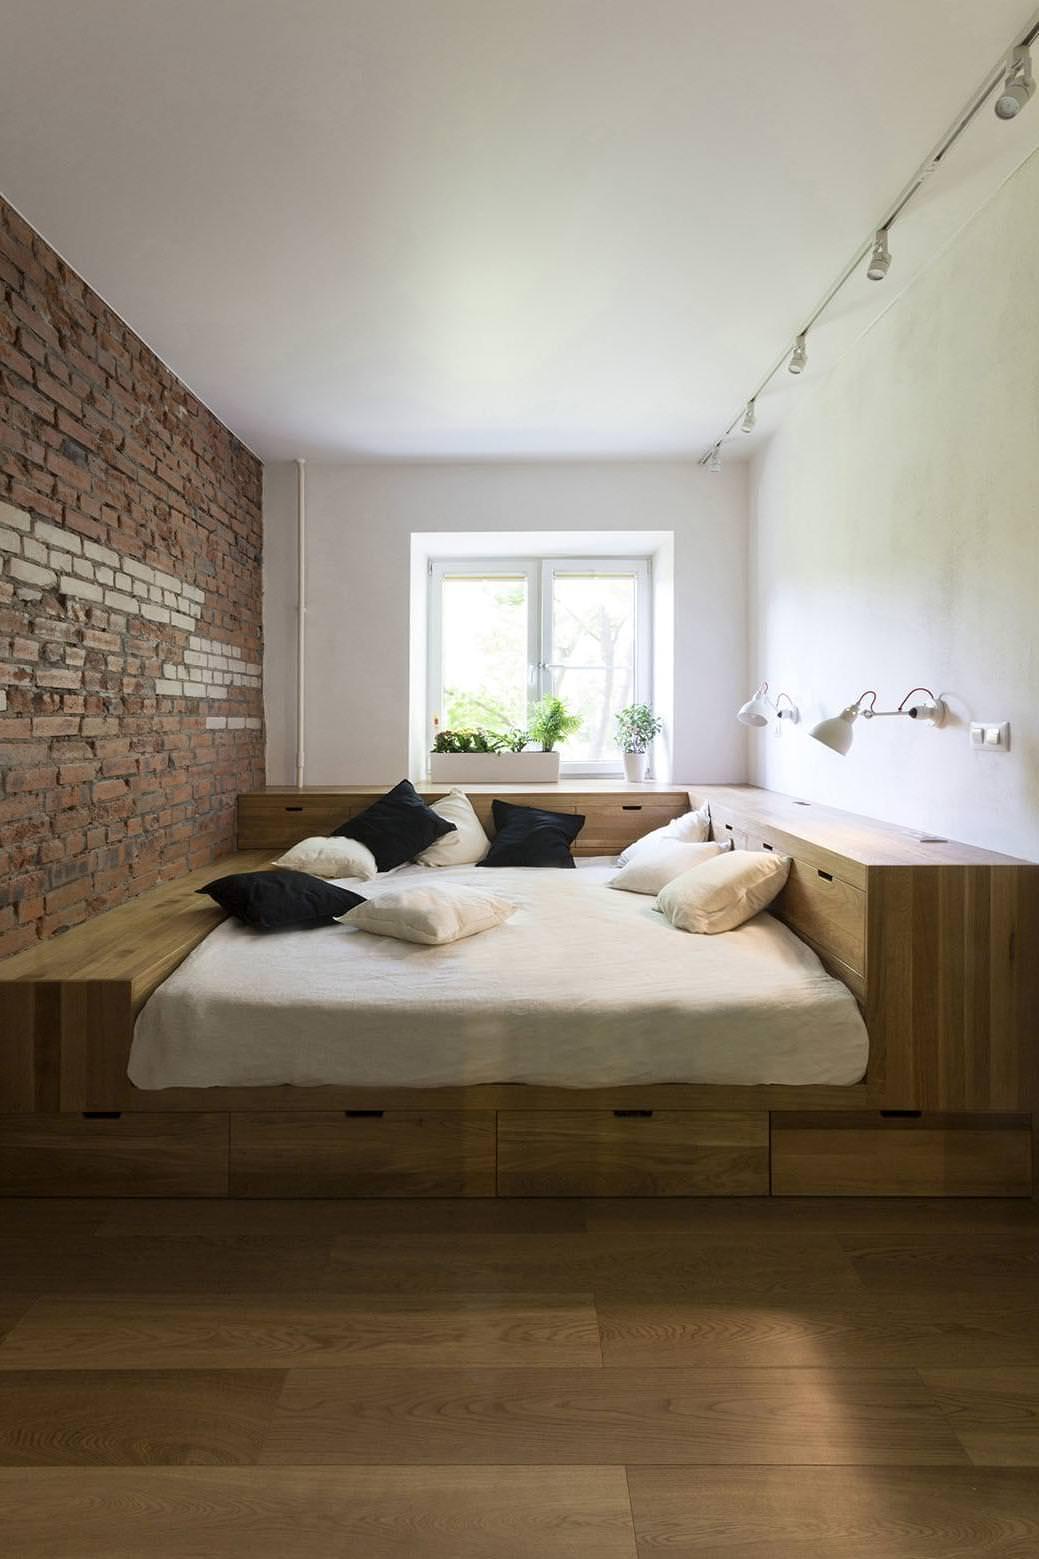 Кровать на подиуме с полкой